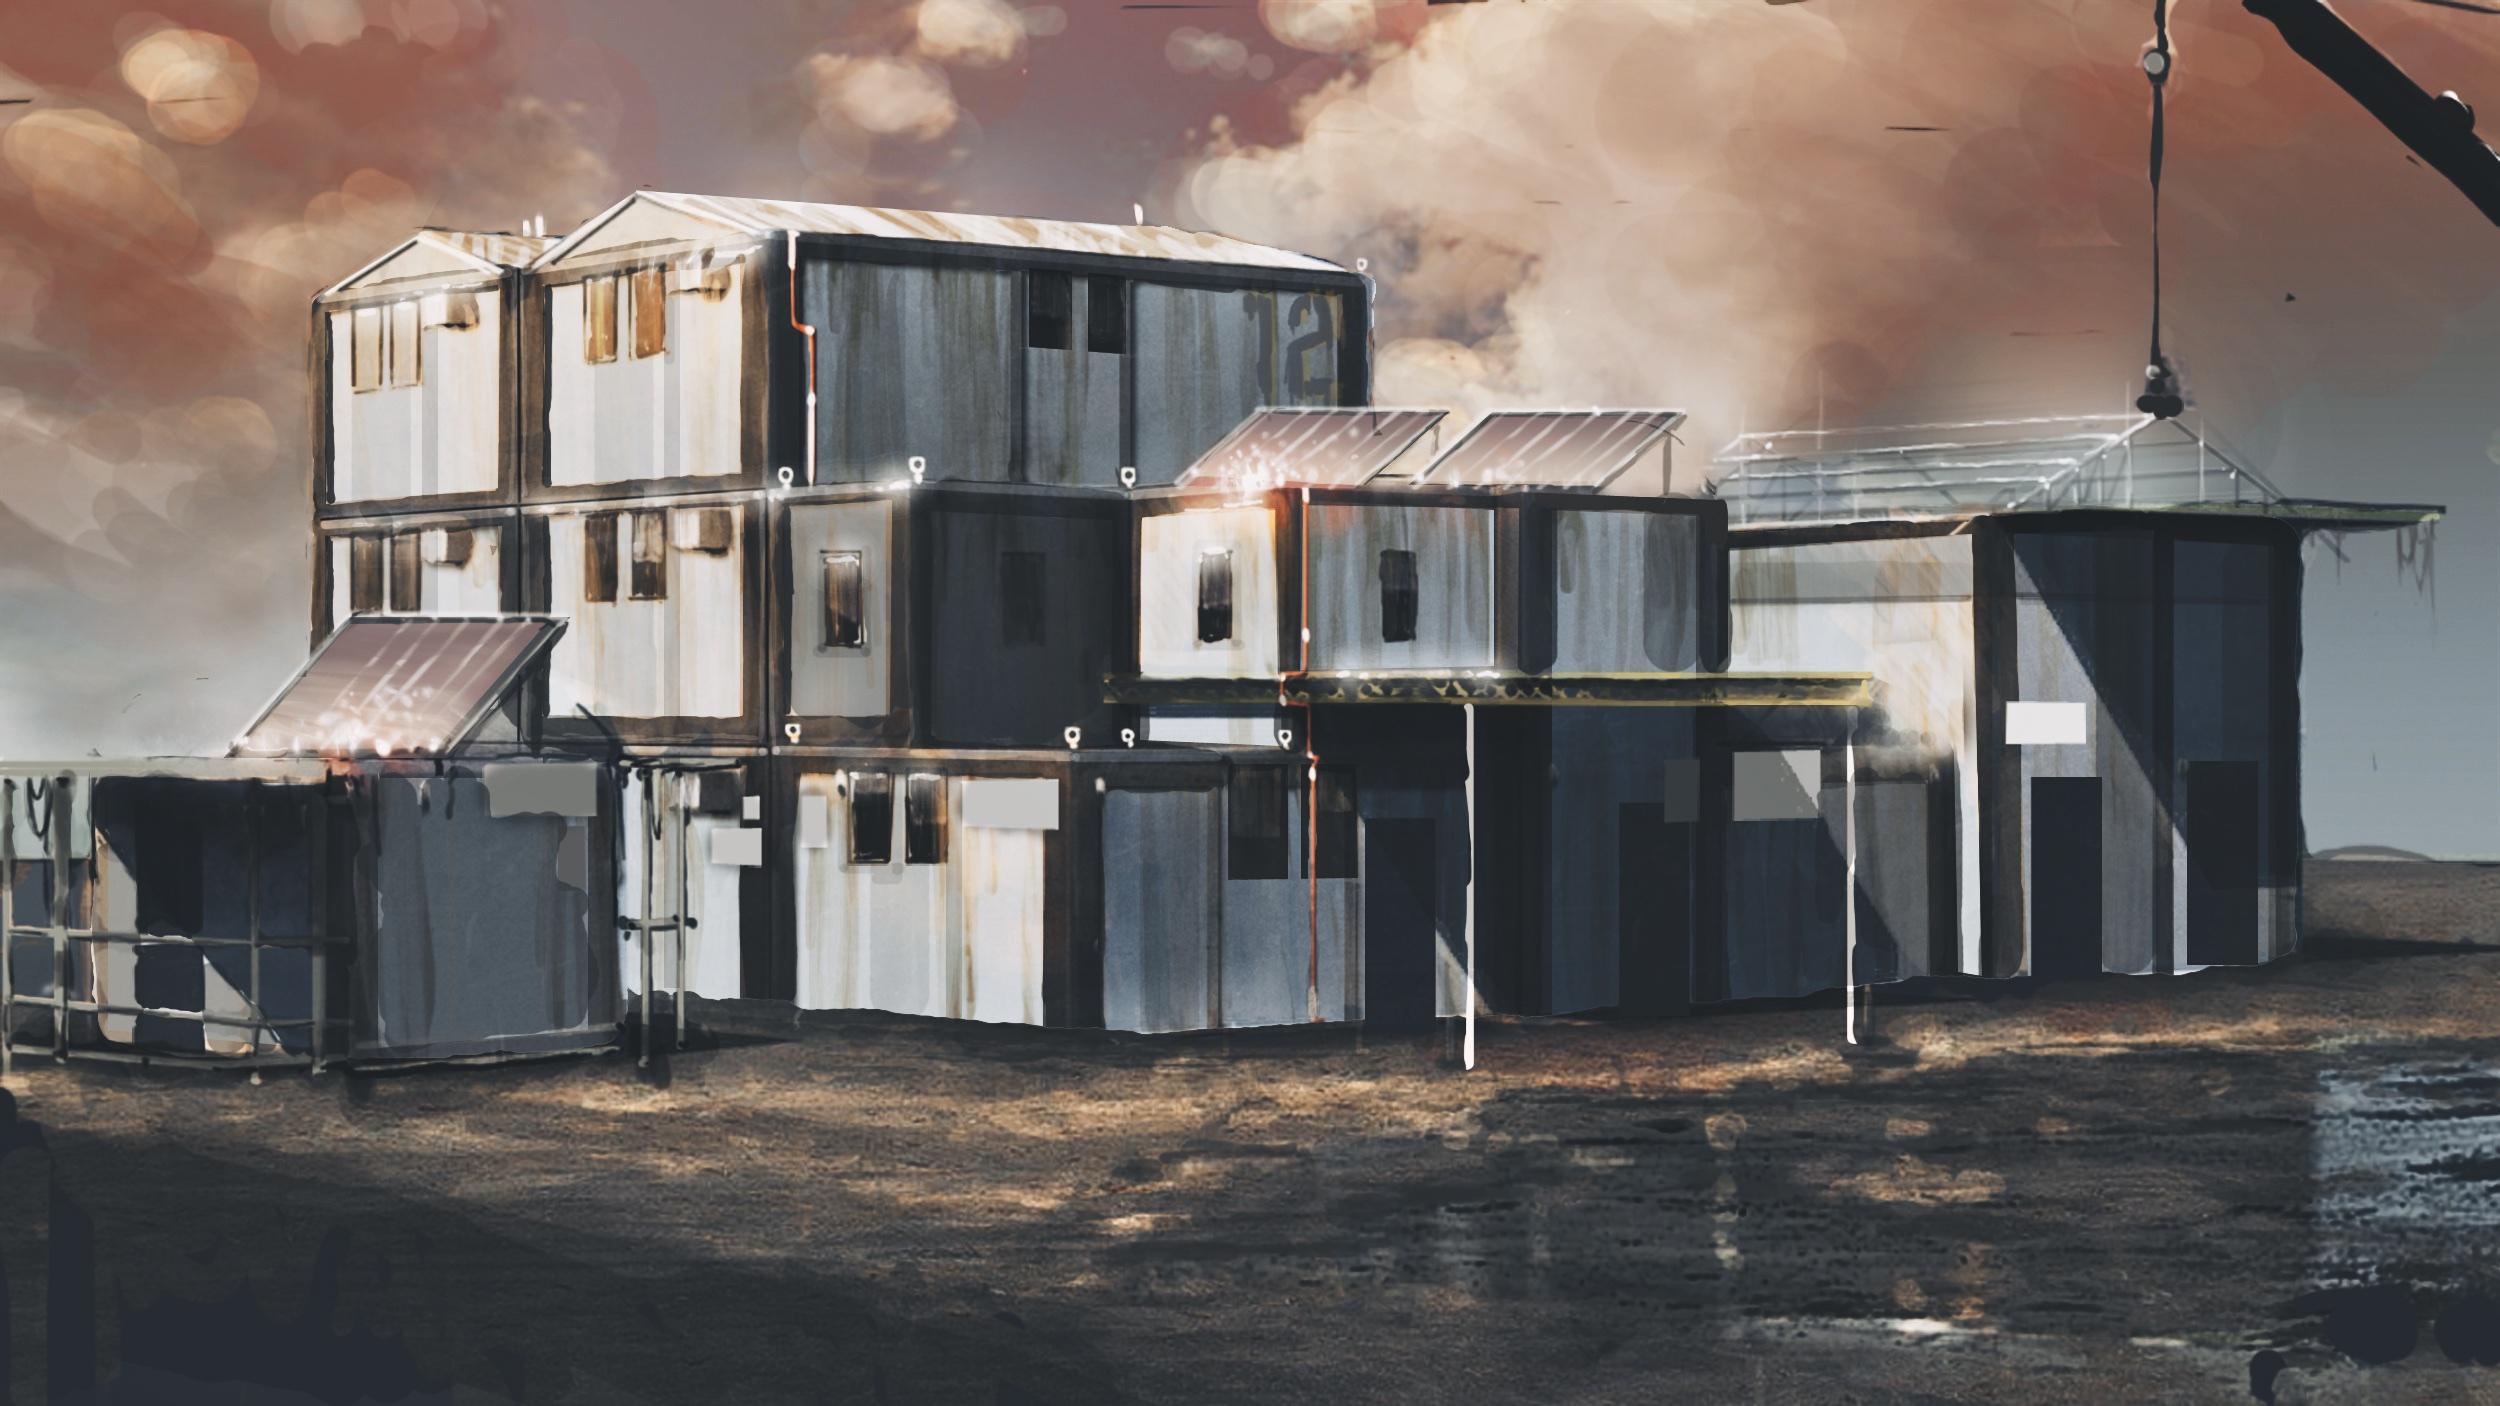 prefab_buildings_02 (1).jpg